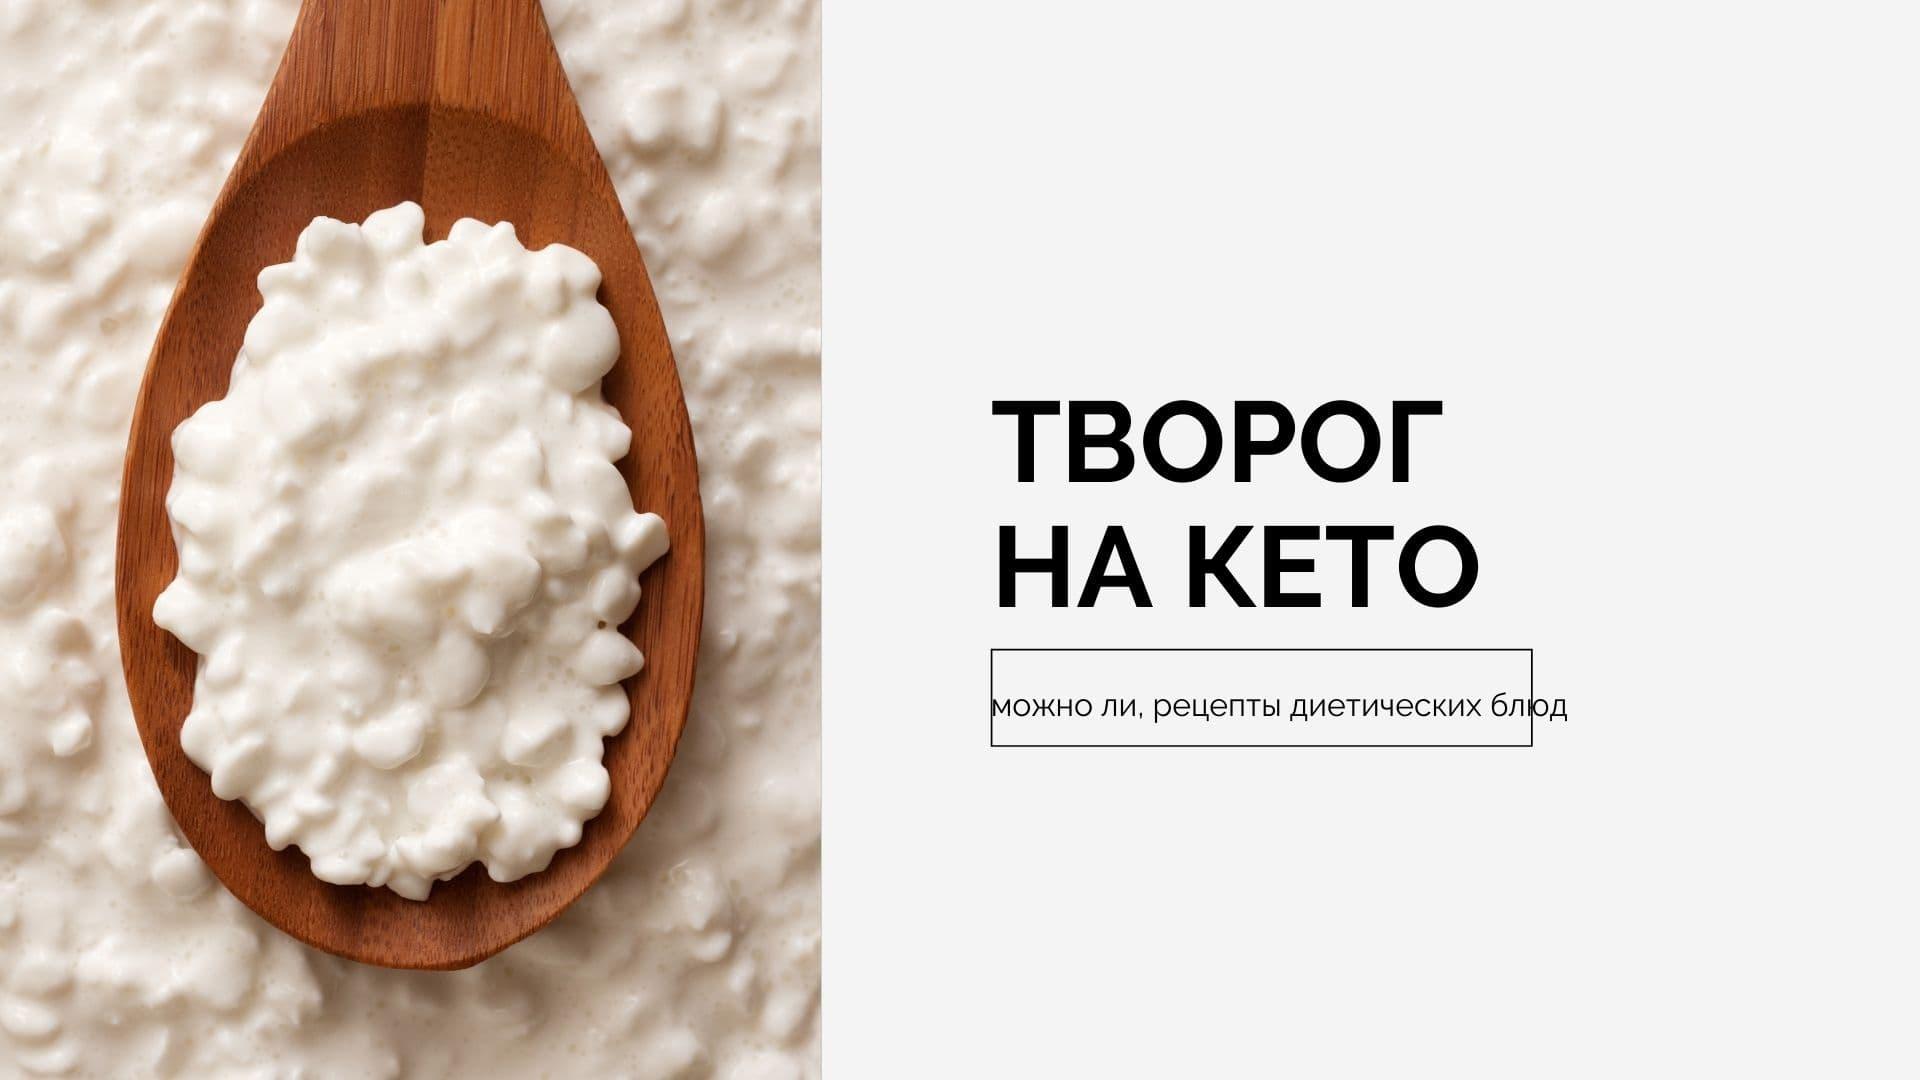 Творог на кето: можно ли, рецепты диетических блюд